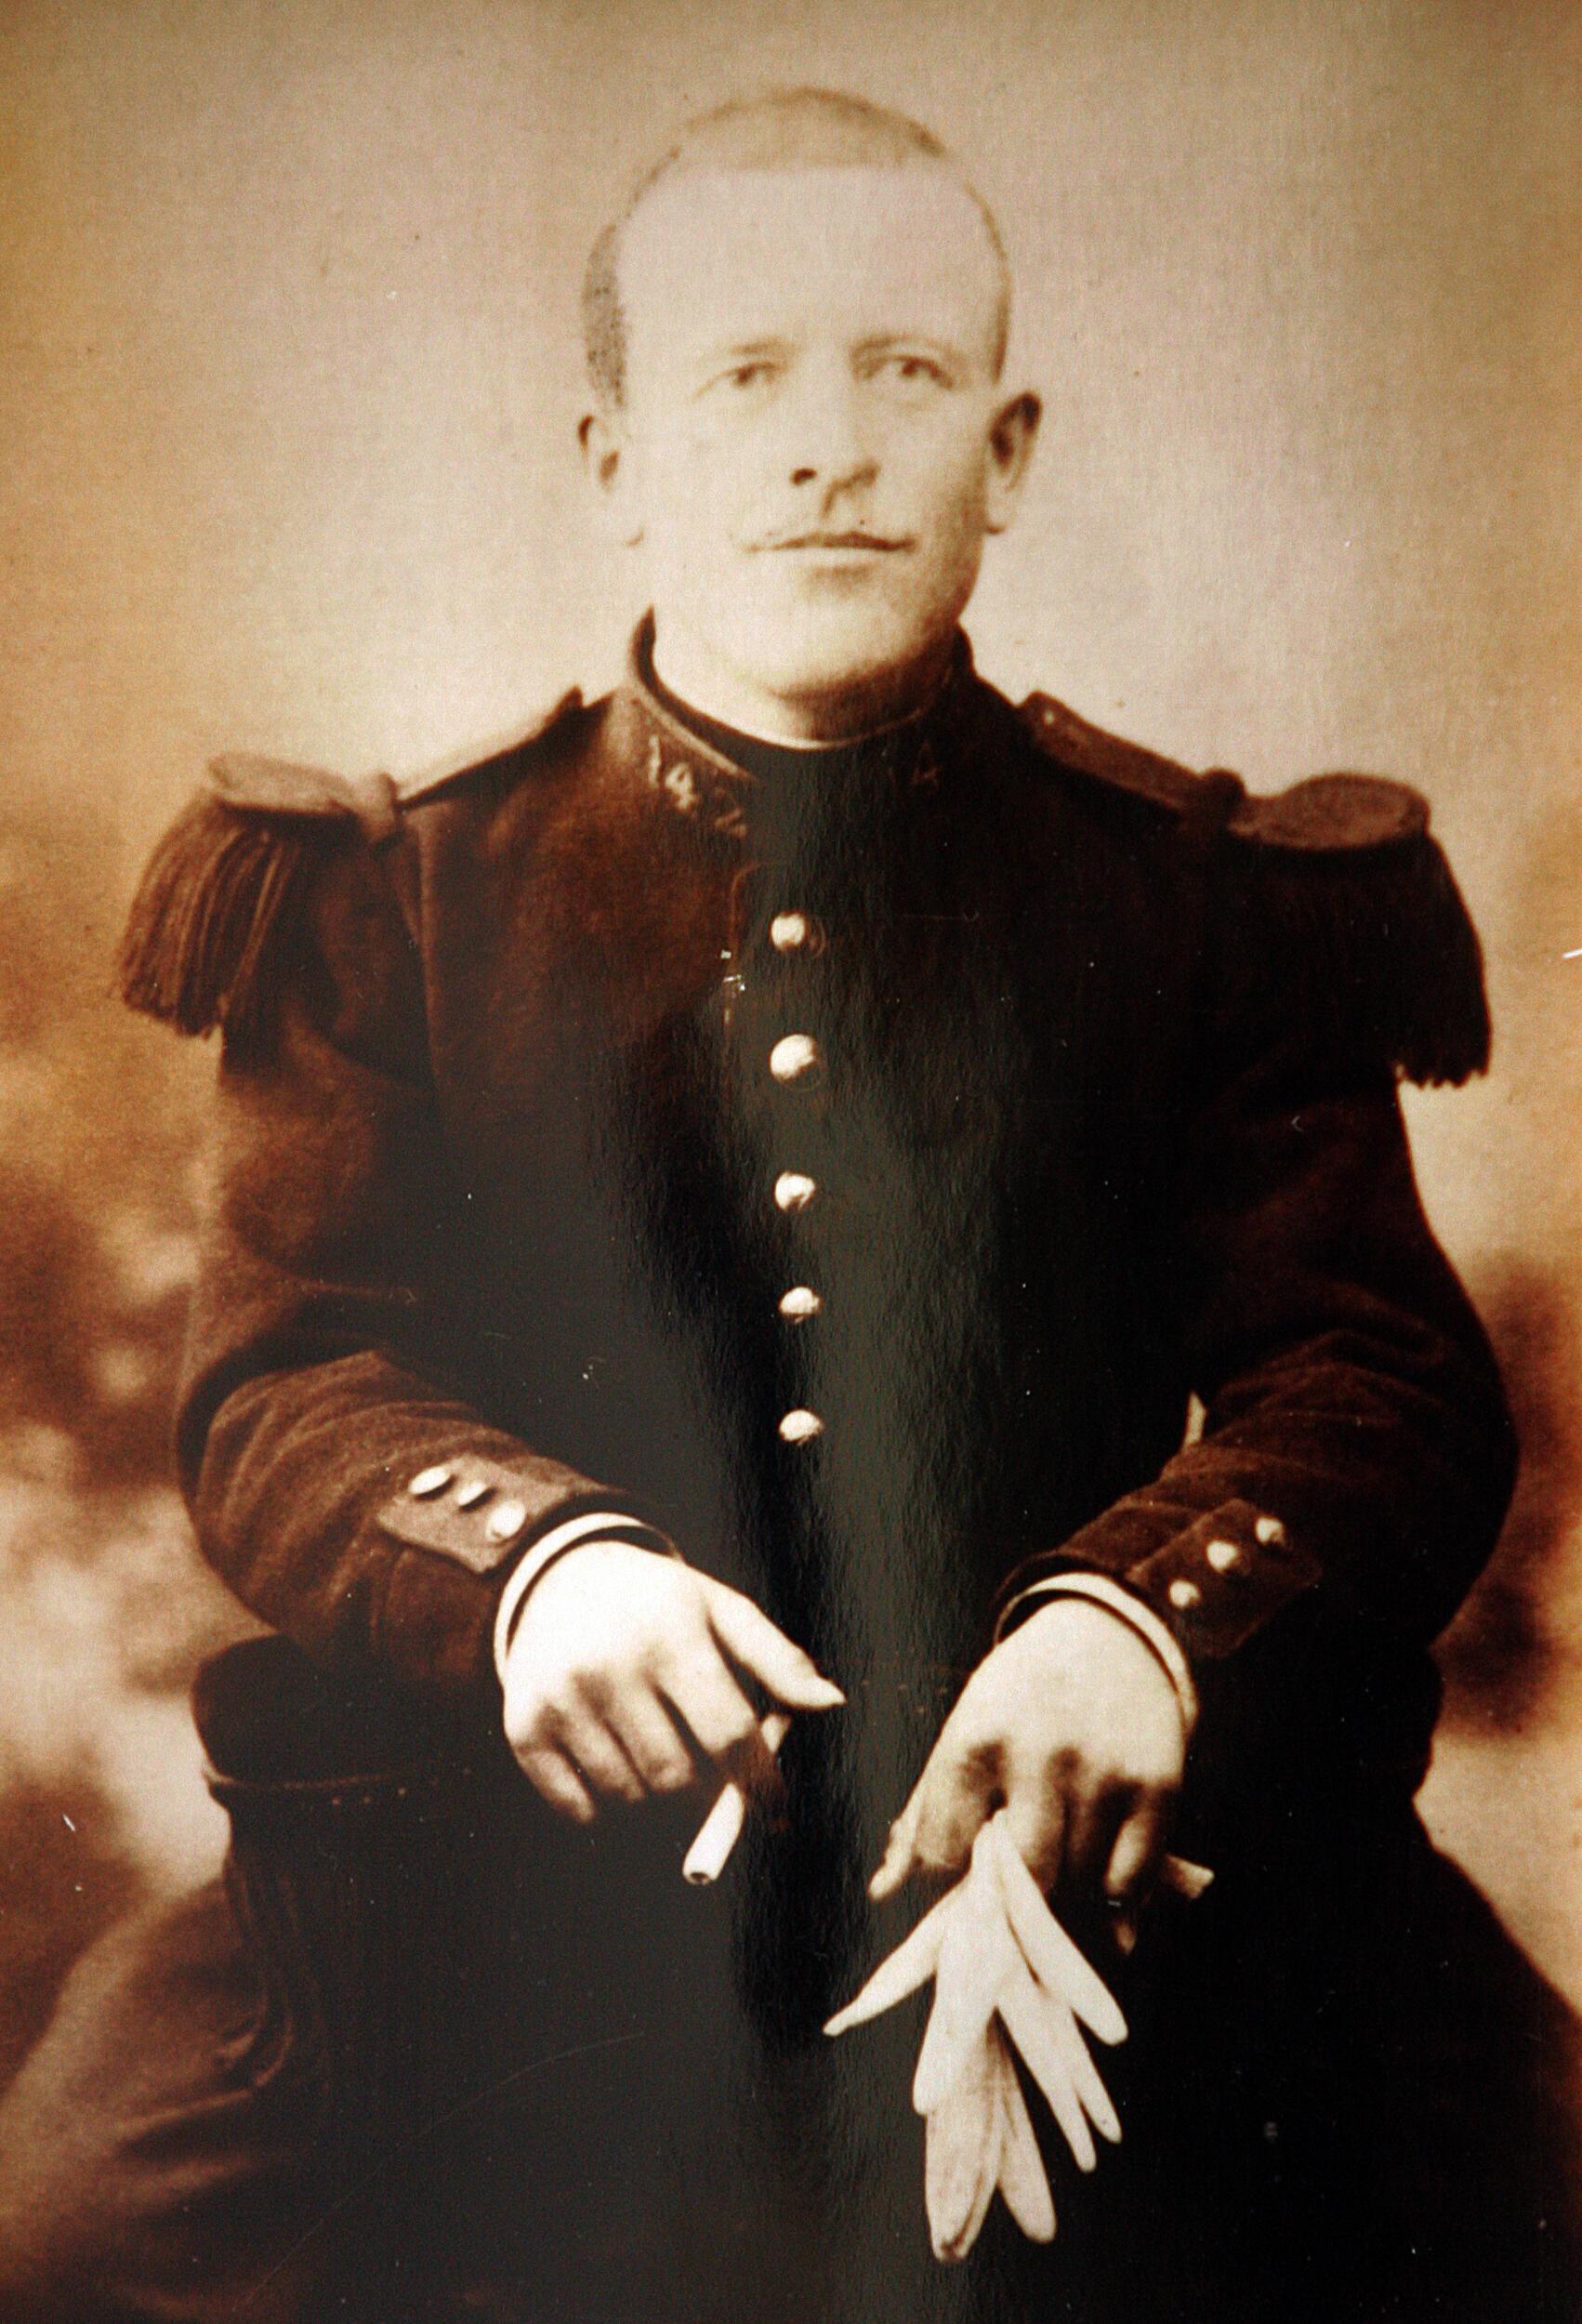 Reproducción hecha el 5 de noviembre de 2009 de una foto del soldado Augustin Trébuchon.